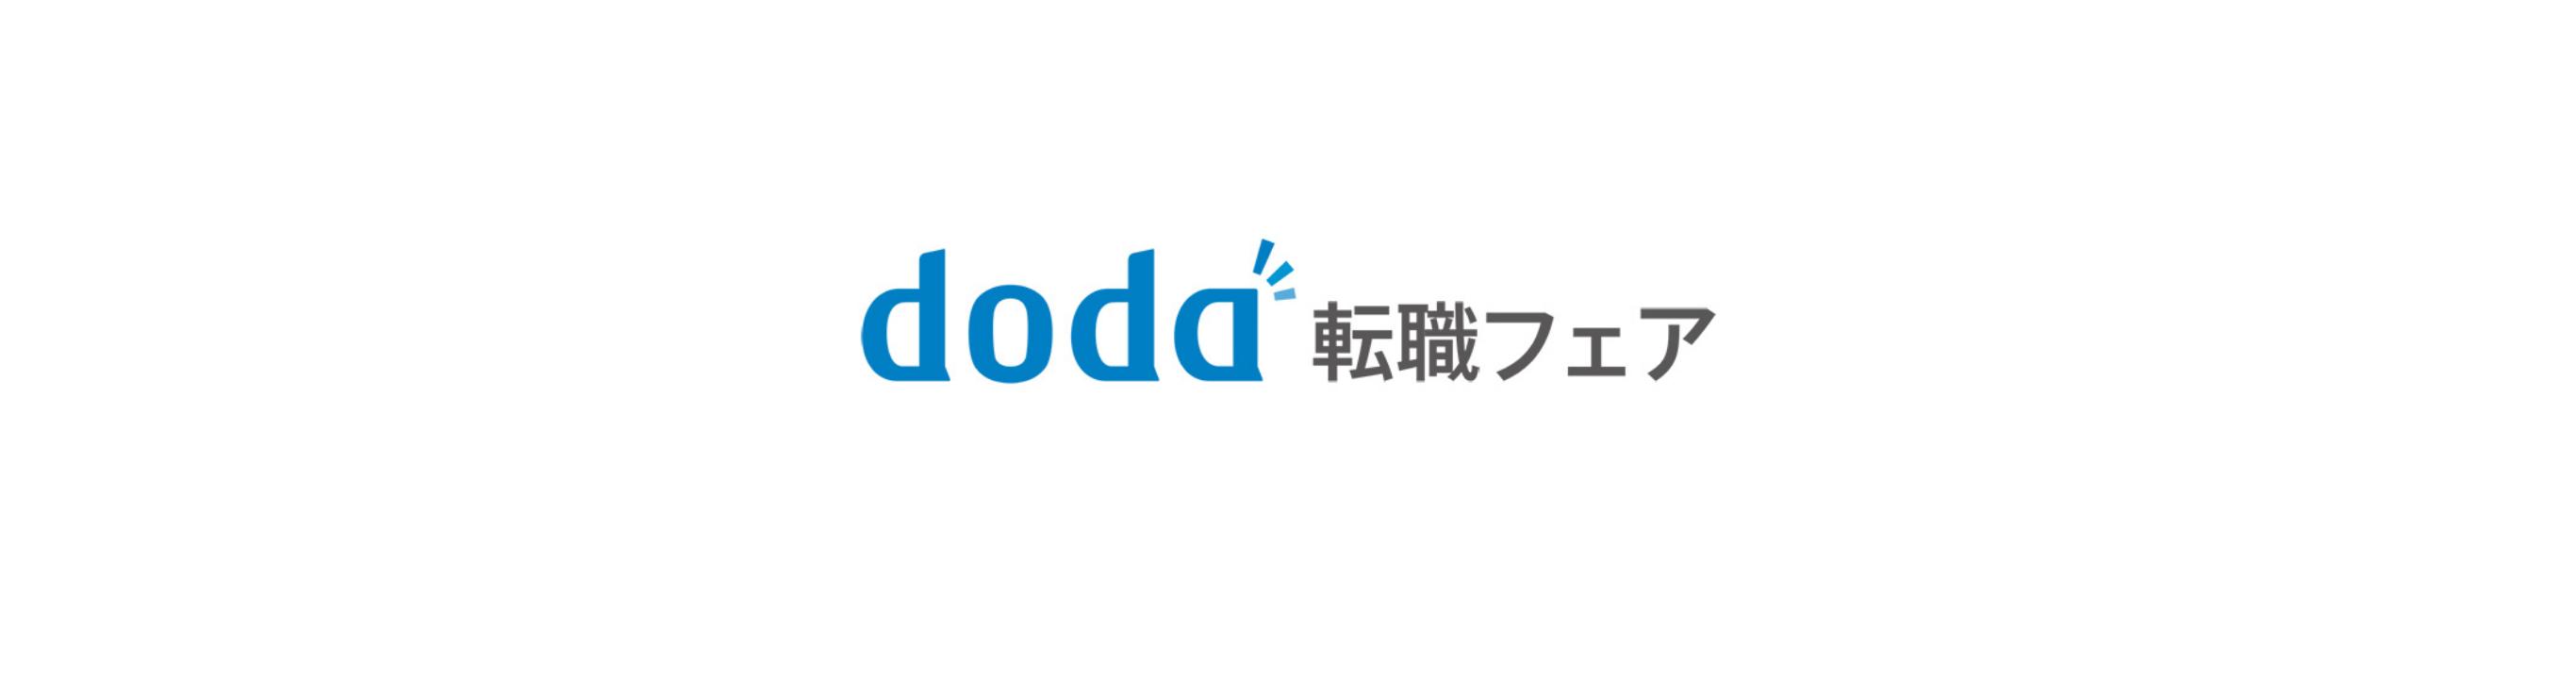 dodaの転職フェア